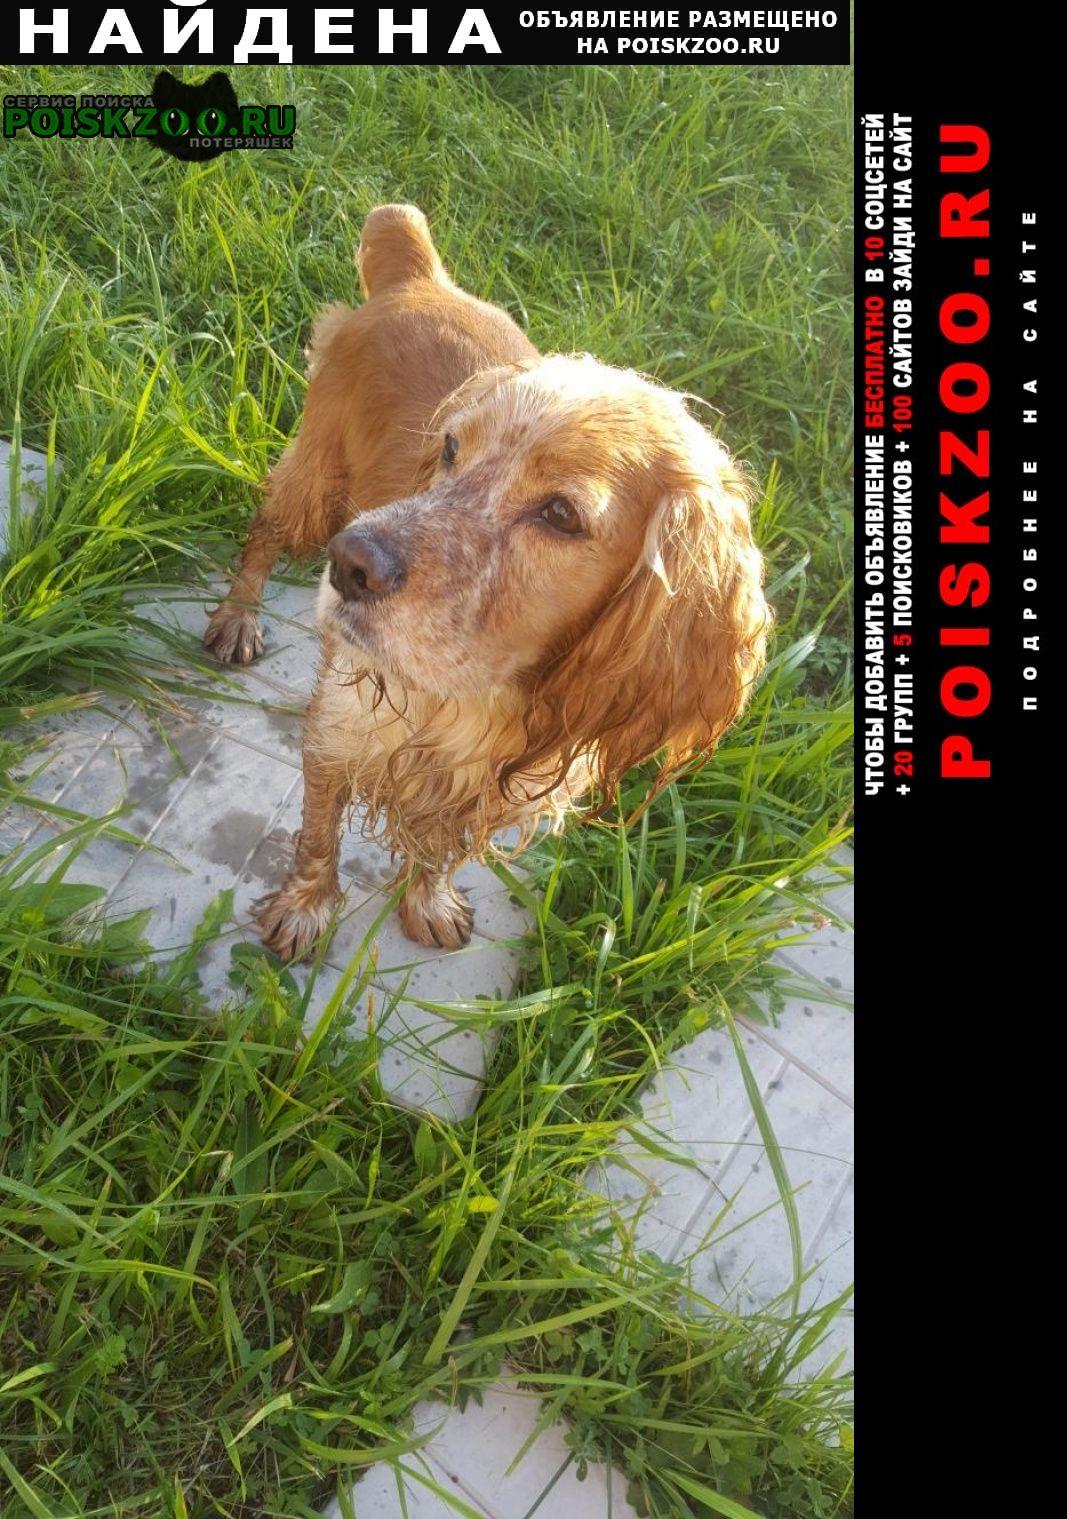 Найдена собака спаниель рыжий талдомский район Дмитров